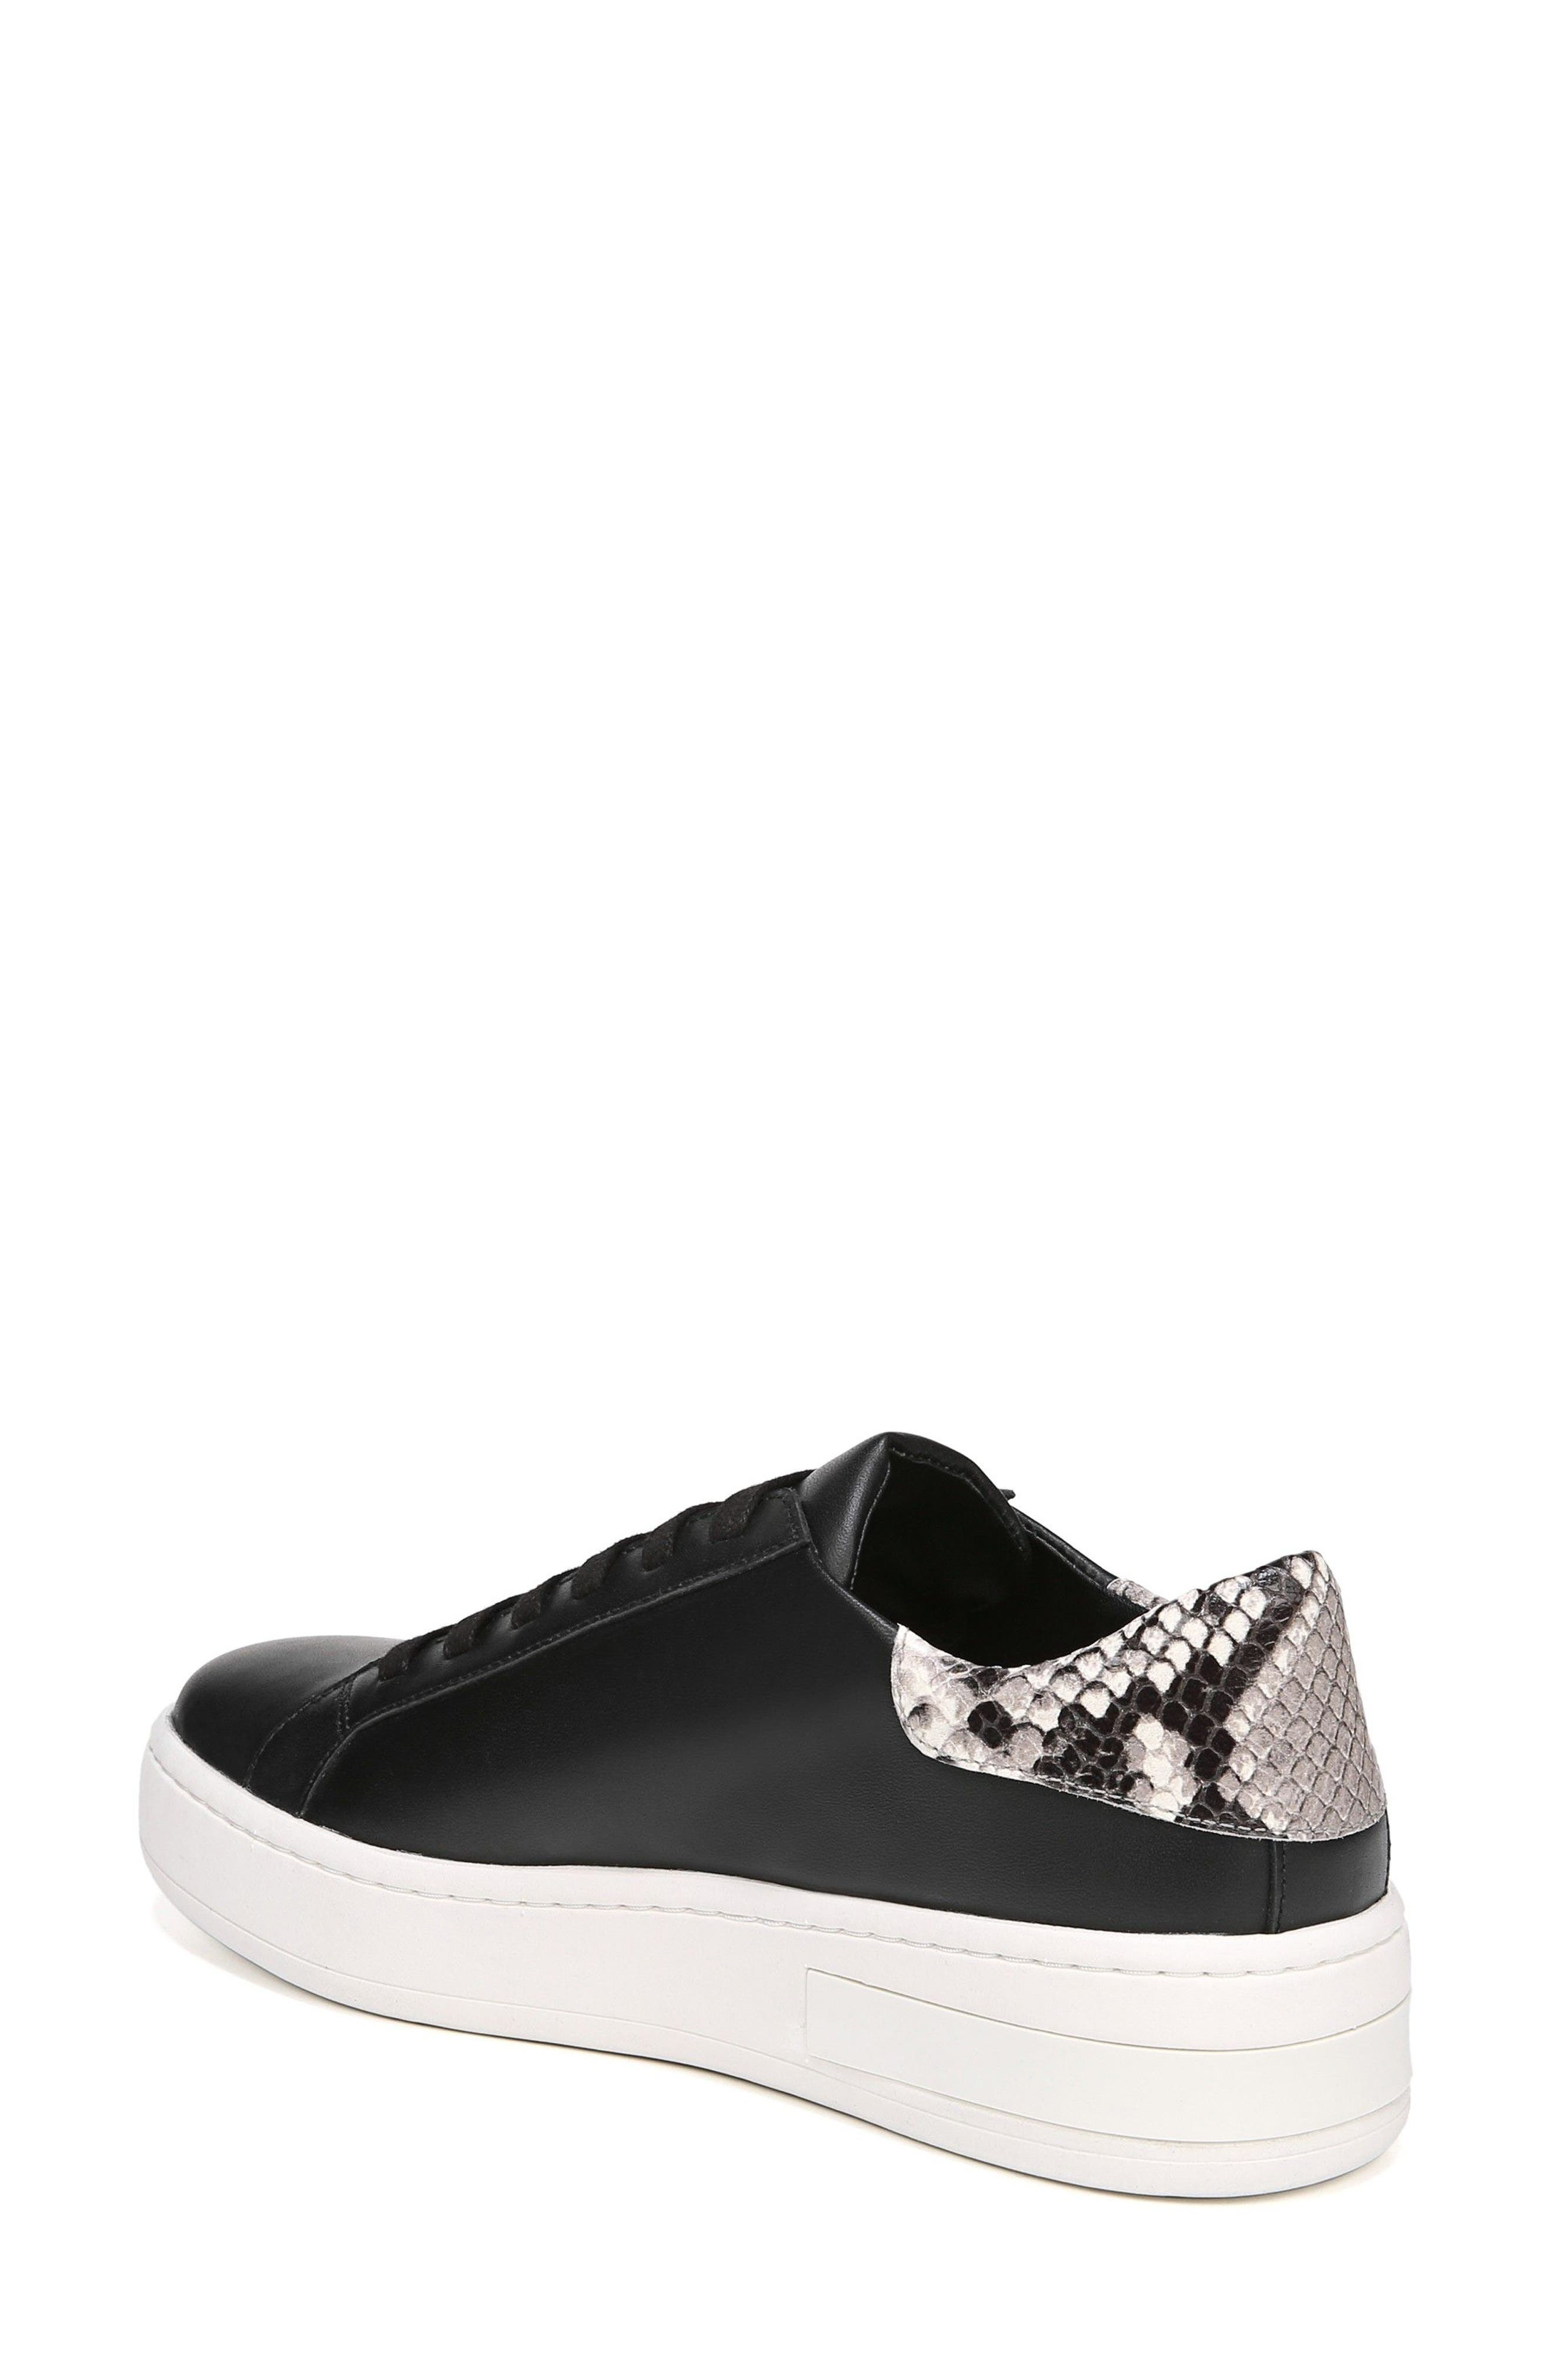 Rylen Platform Sneaker,                             Alternate thumbnail 2, color,                             BLACK/ BLACK/ WHITE LEATHER